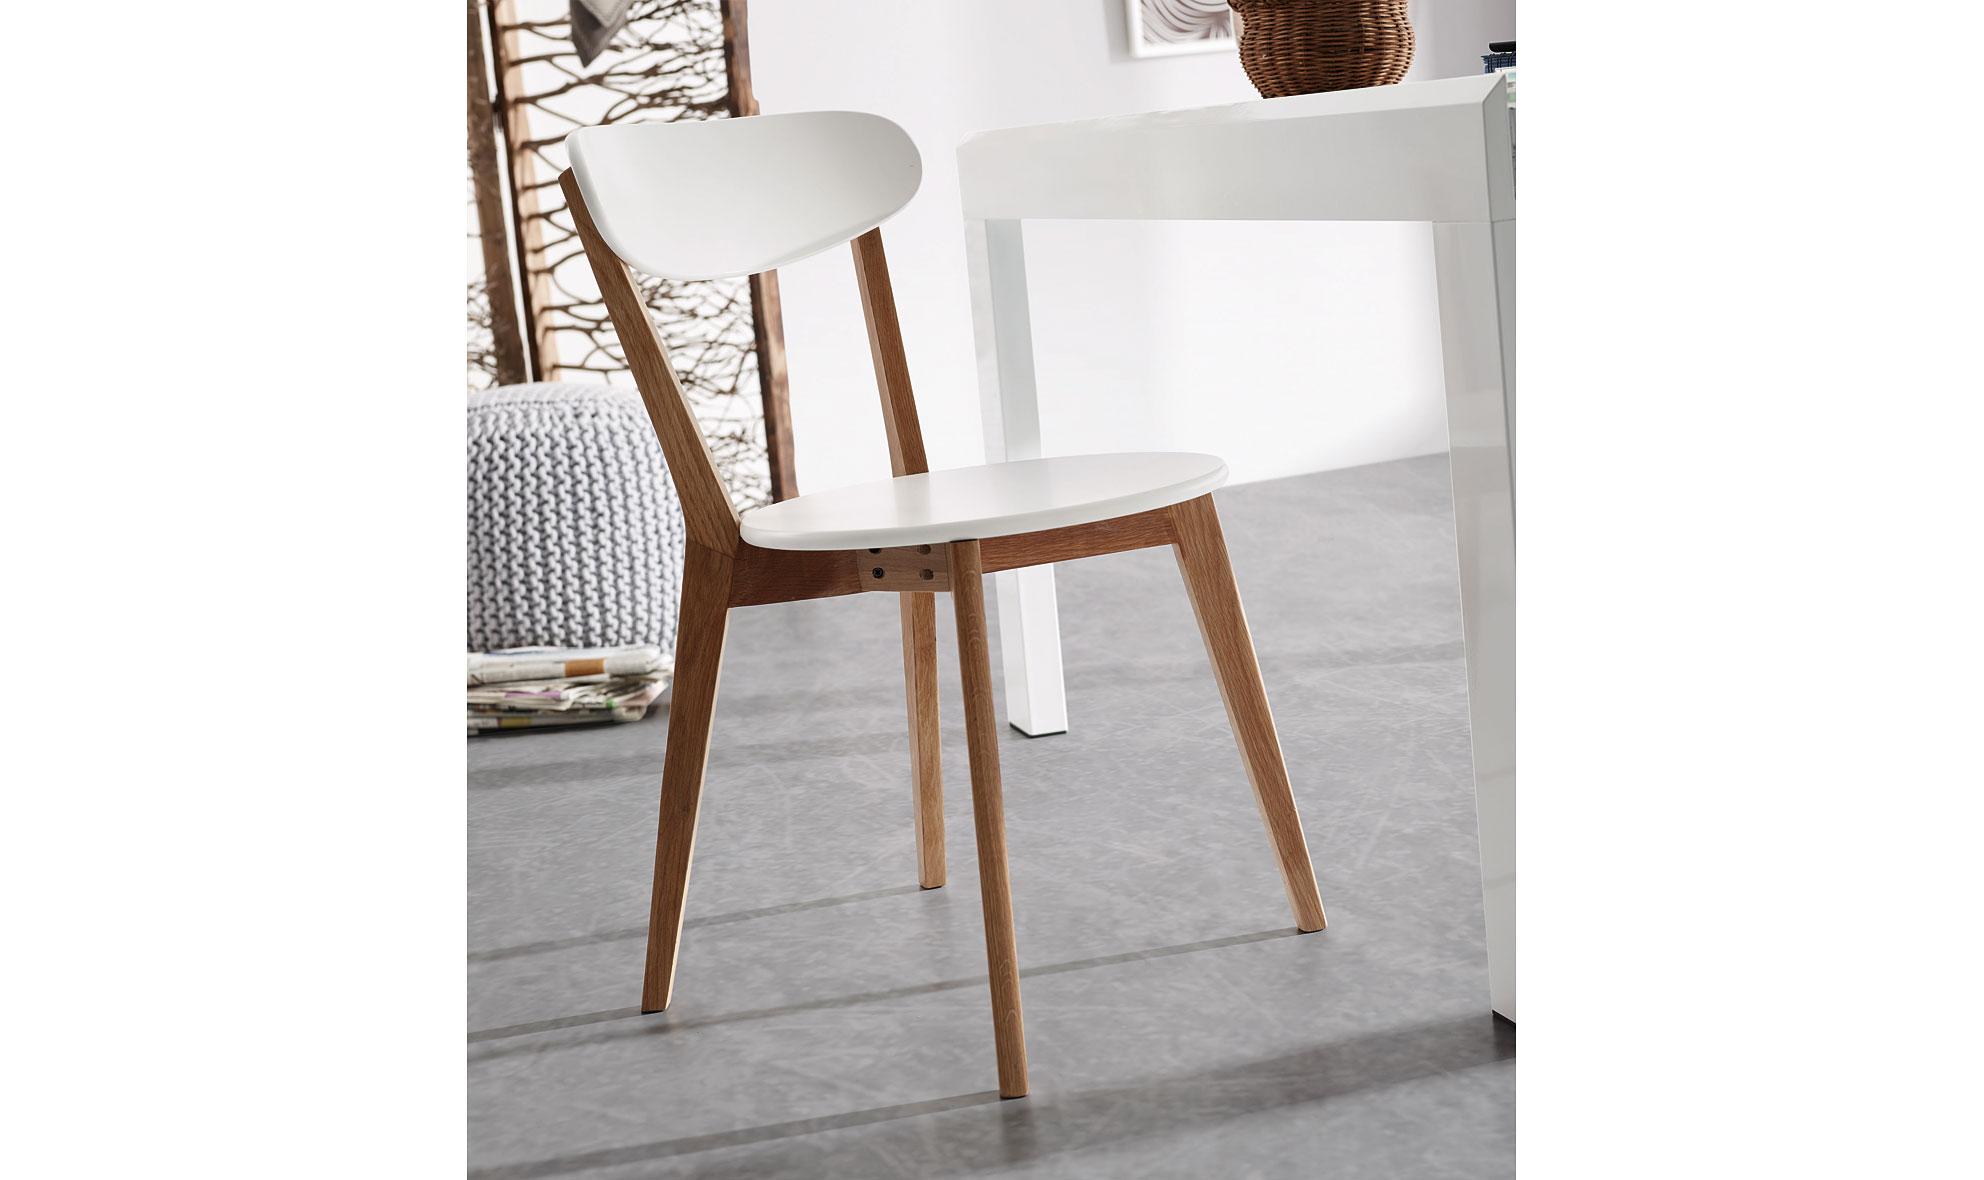 Silla blanca n rdica areia en for Sillas para escritorio de madera